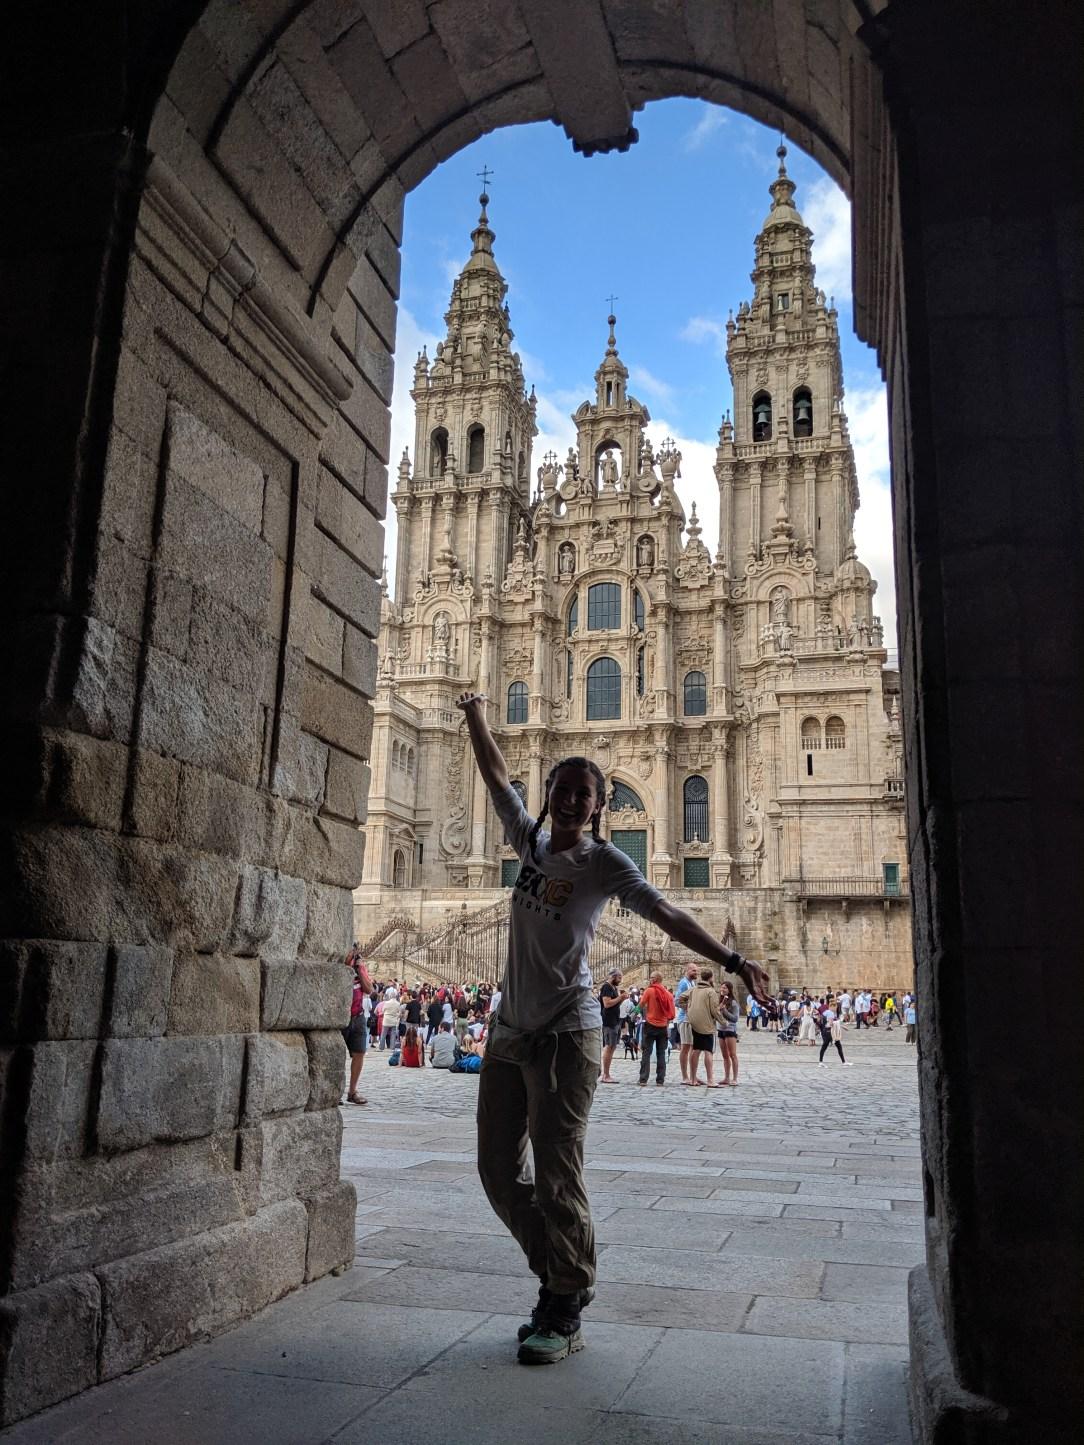 Cathedral of Santiago, Camino de Santiago